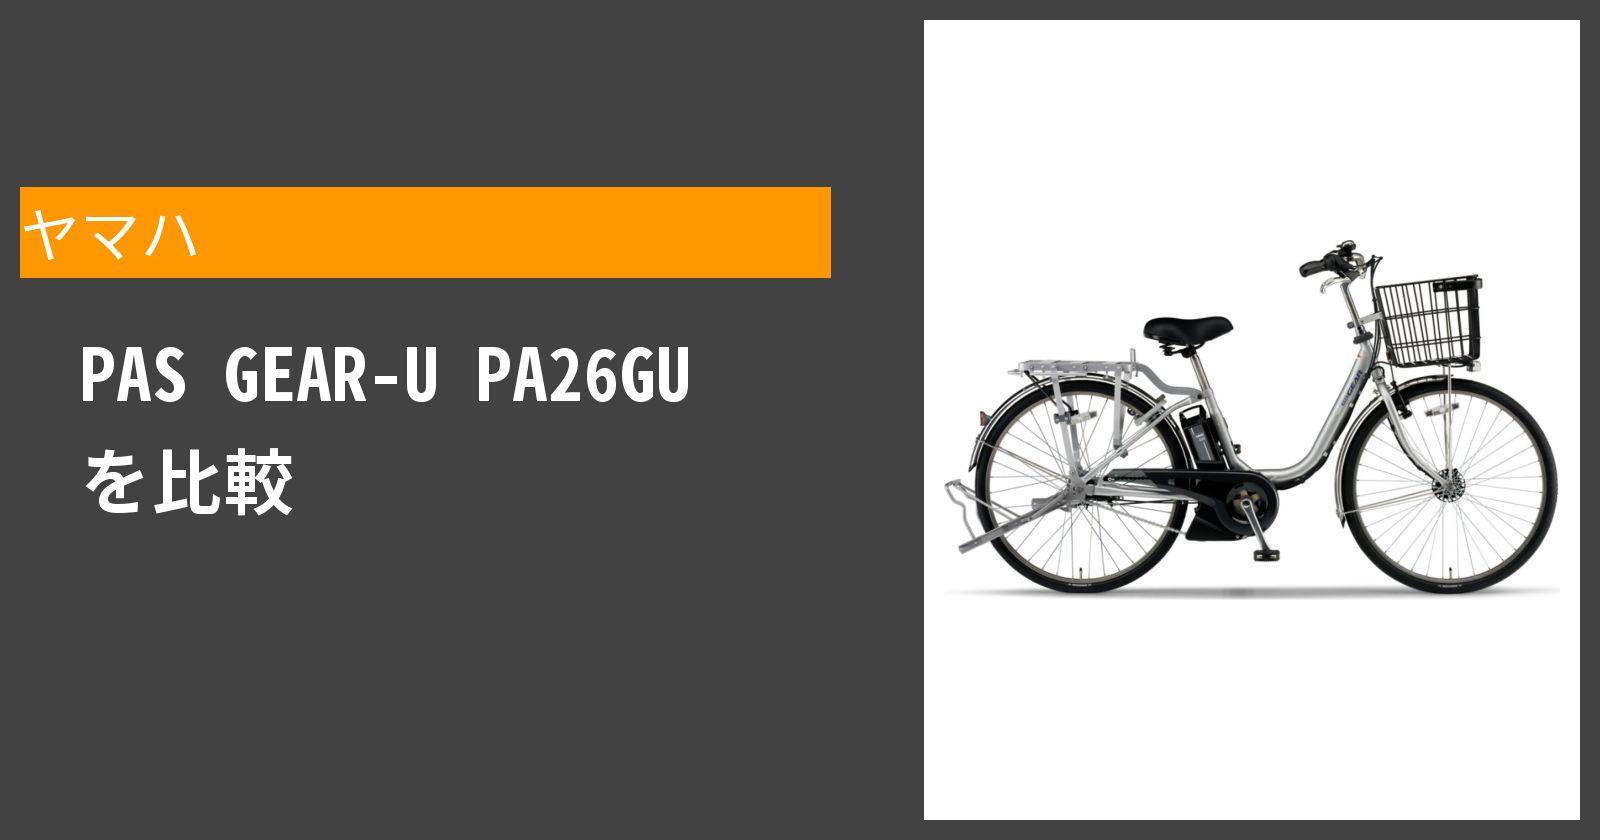 PAS GEAR-U PA26GUを徹底評価